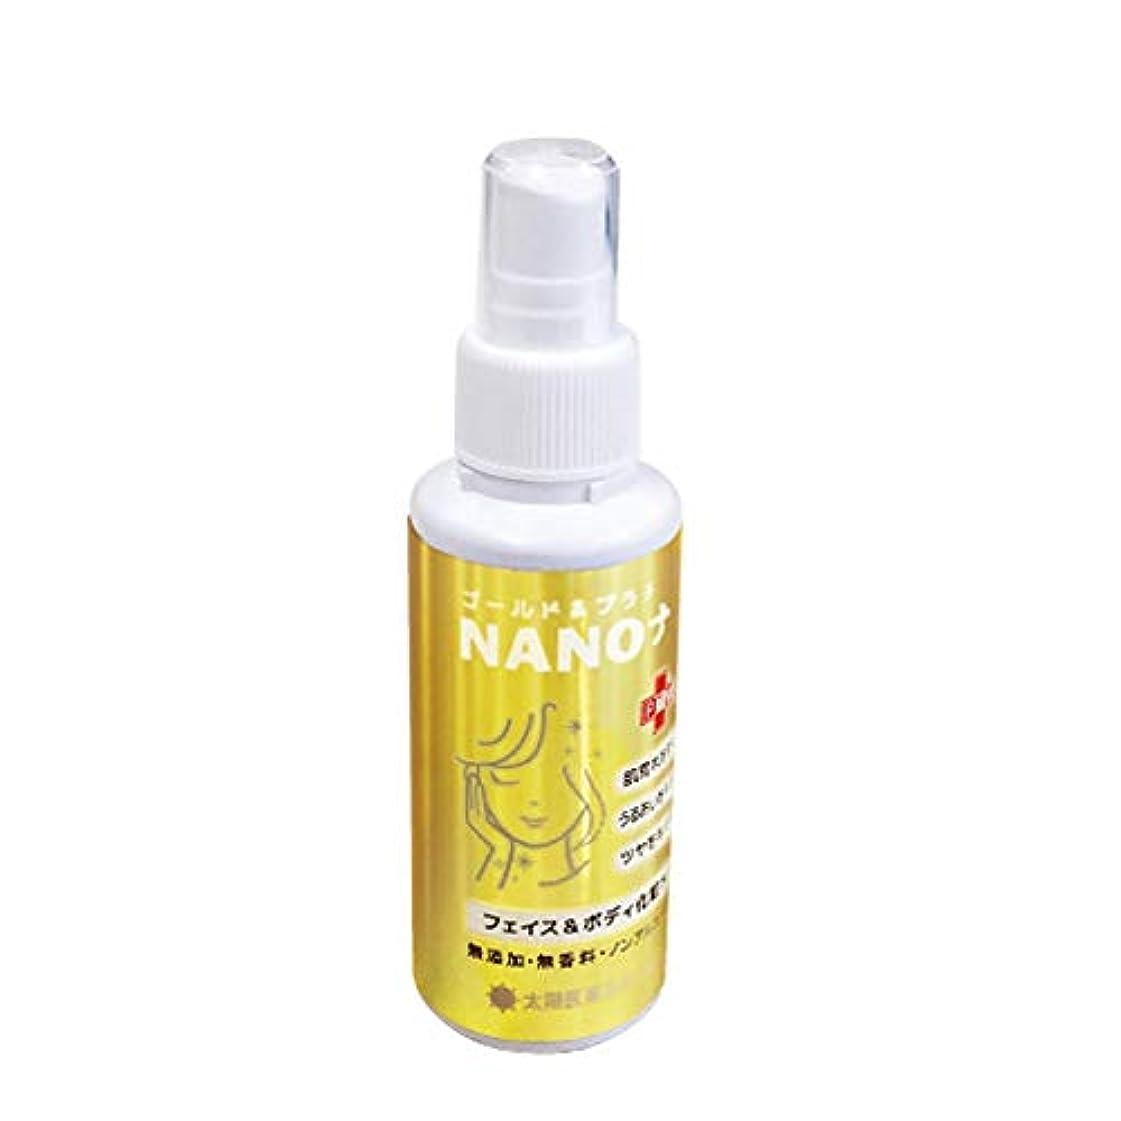 プレフィックスカメラコマンドNANOナノ 美容化粧水ミスト 【ゴールド&プラチナ配合】100ml